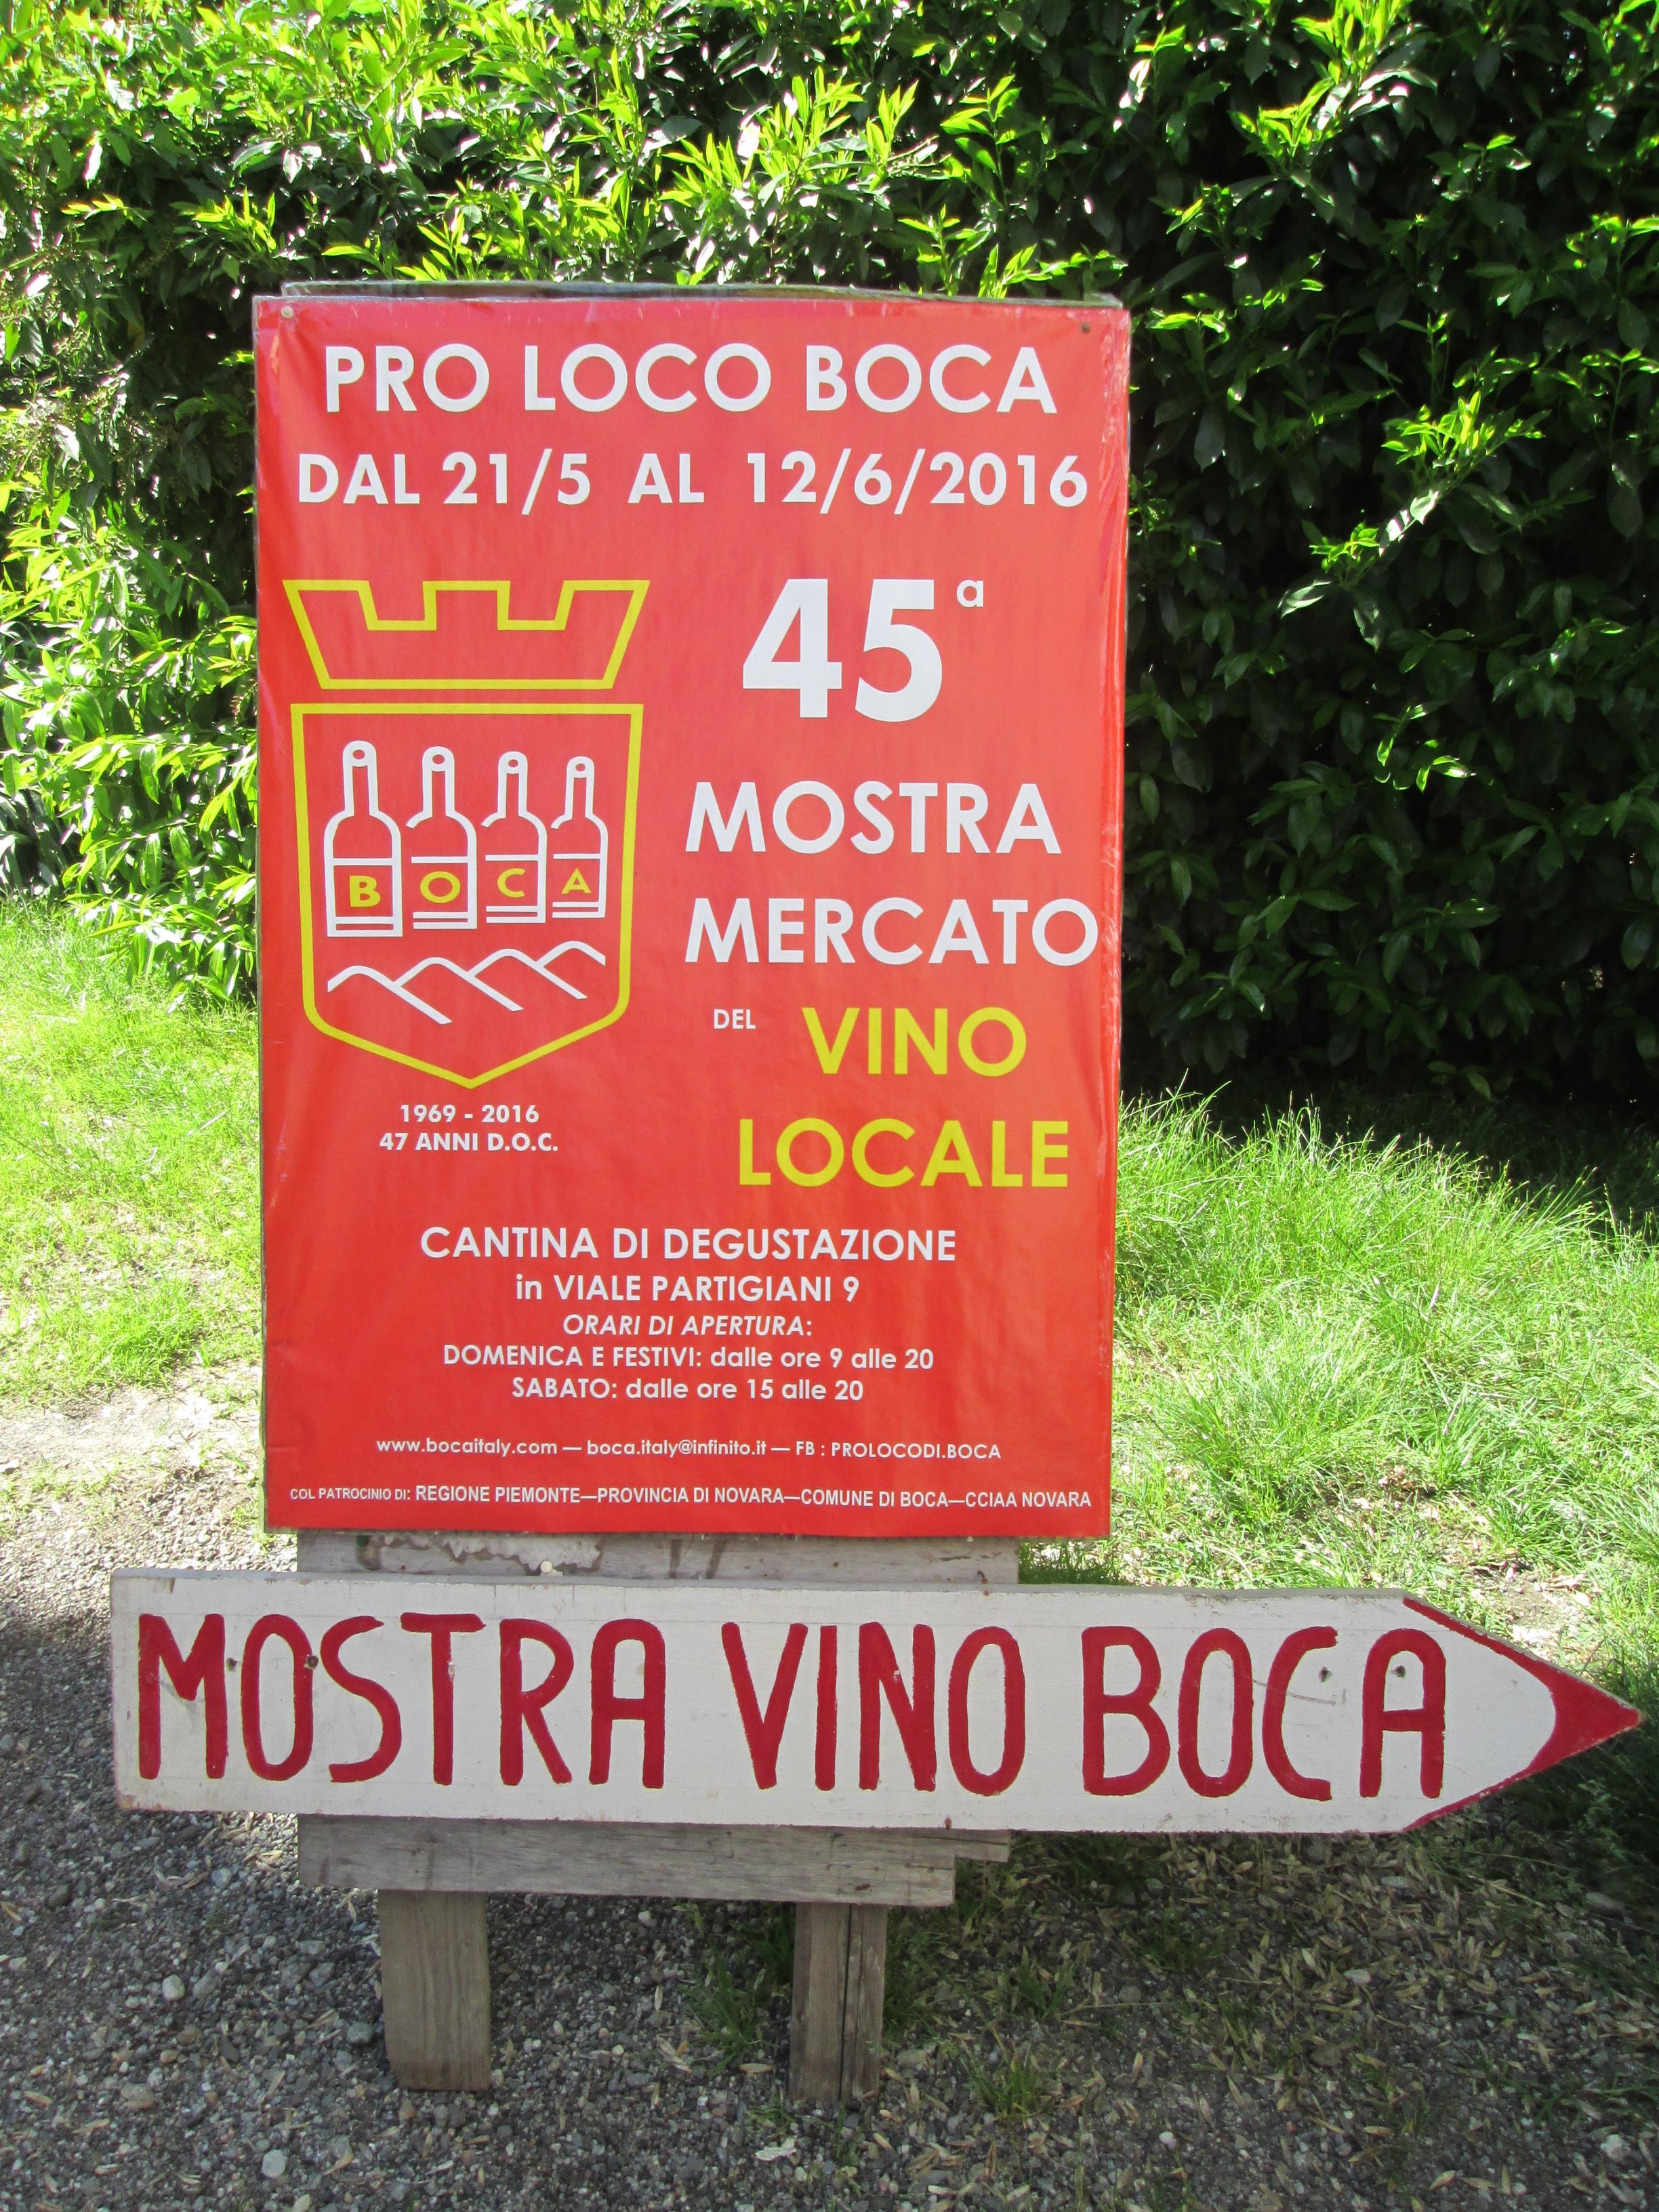 45° mostra mercato del vino locale di Boca